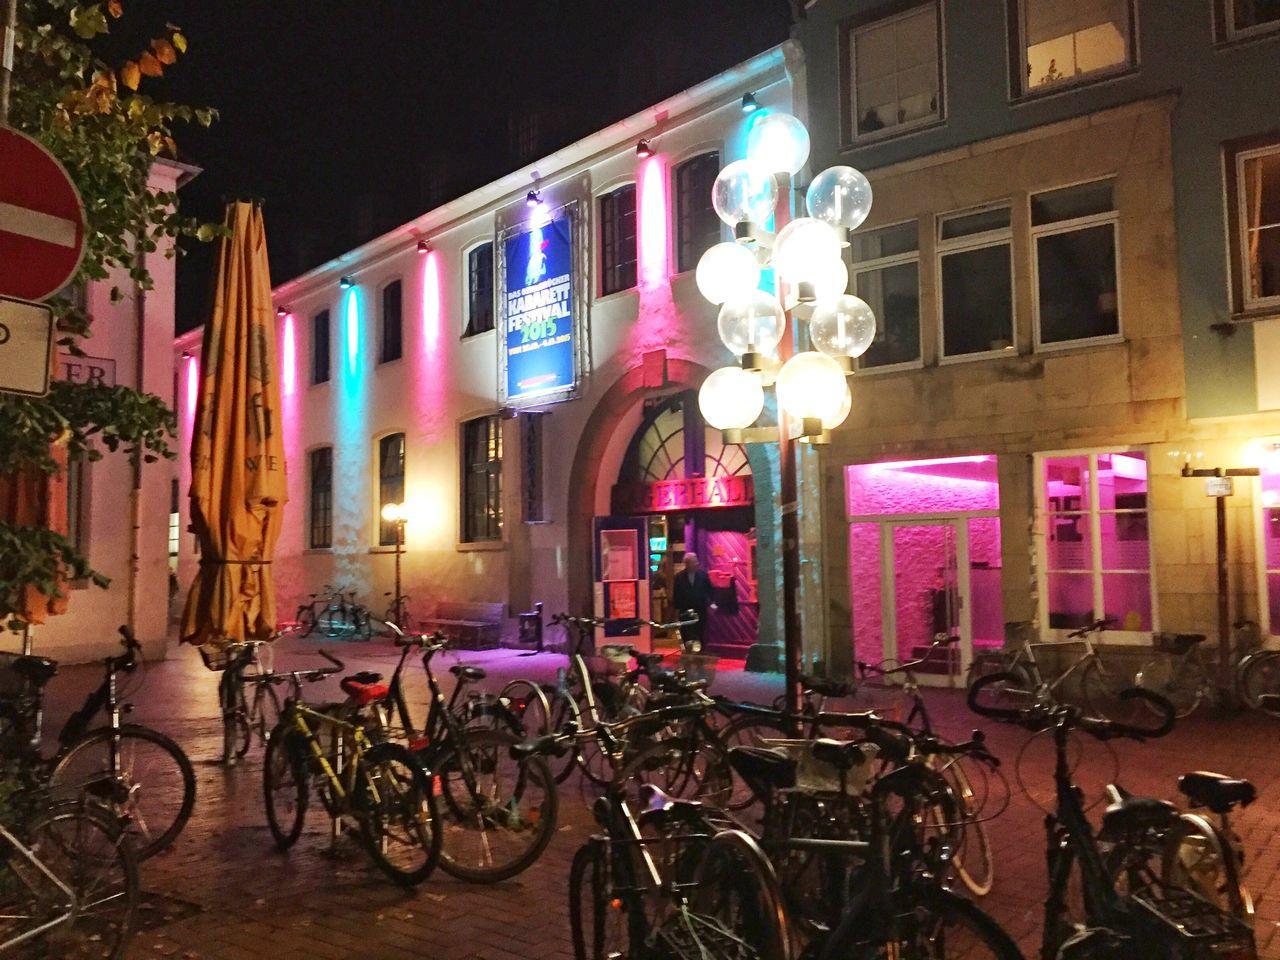 Osnabrück Kabarett Festival 2015 Kabarett Altstadt Osnabrück Osnabrück Nightphotography Nightlights